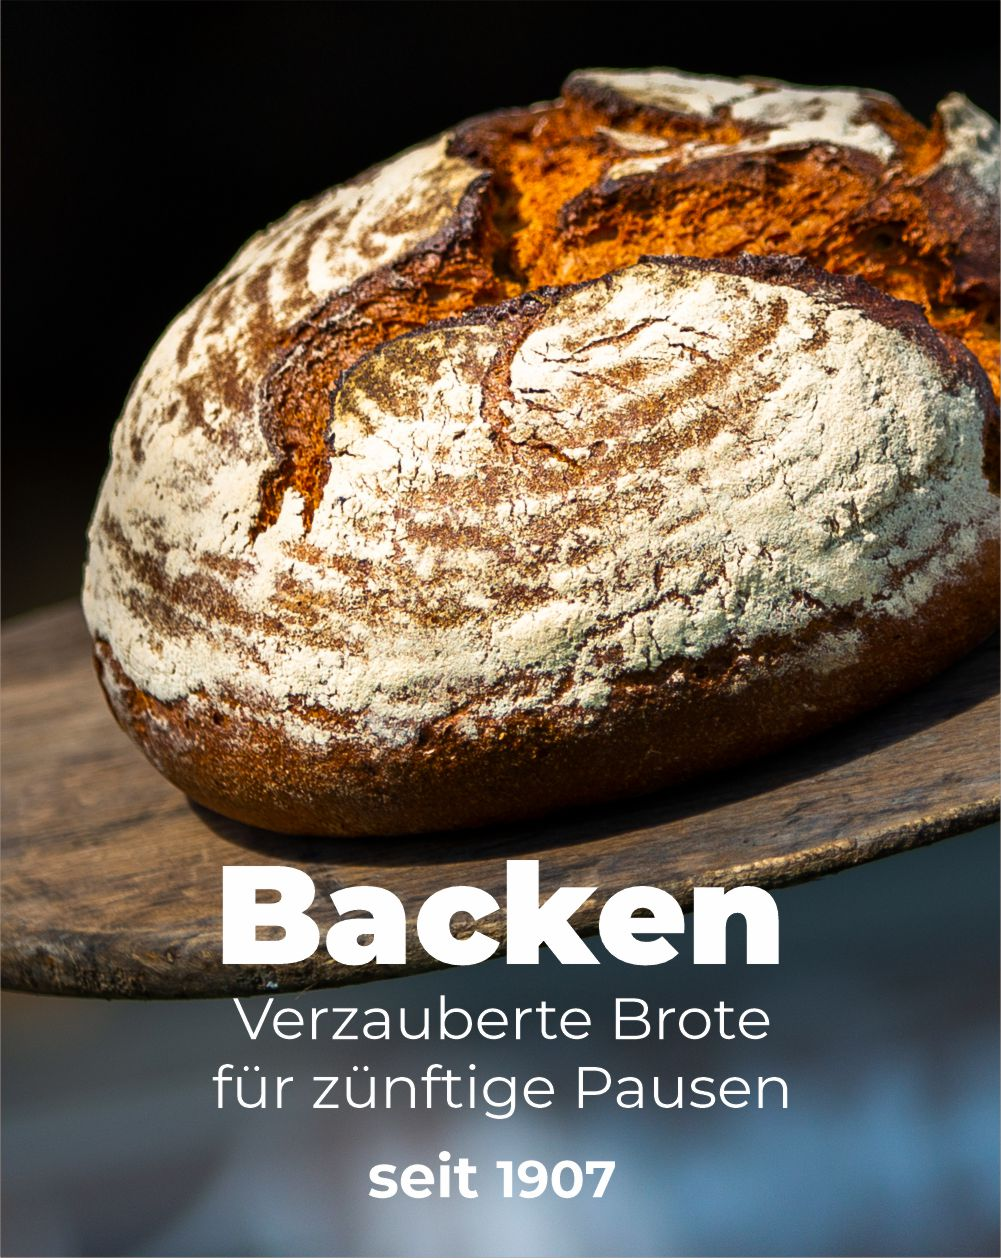 tismes_backen_startseite_xs